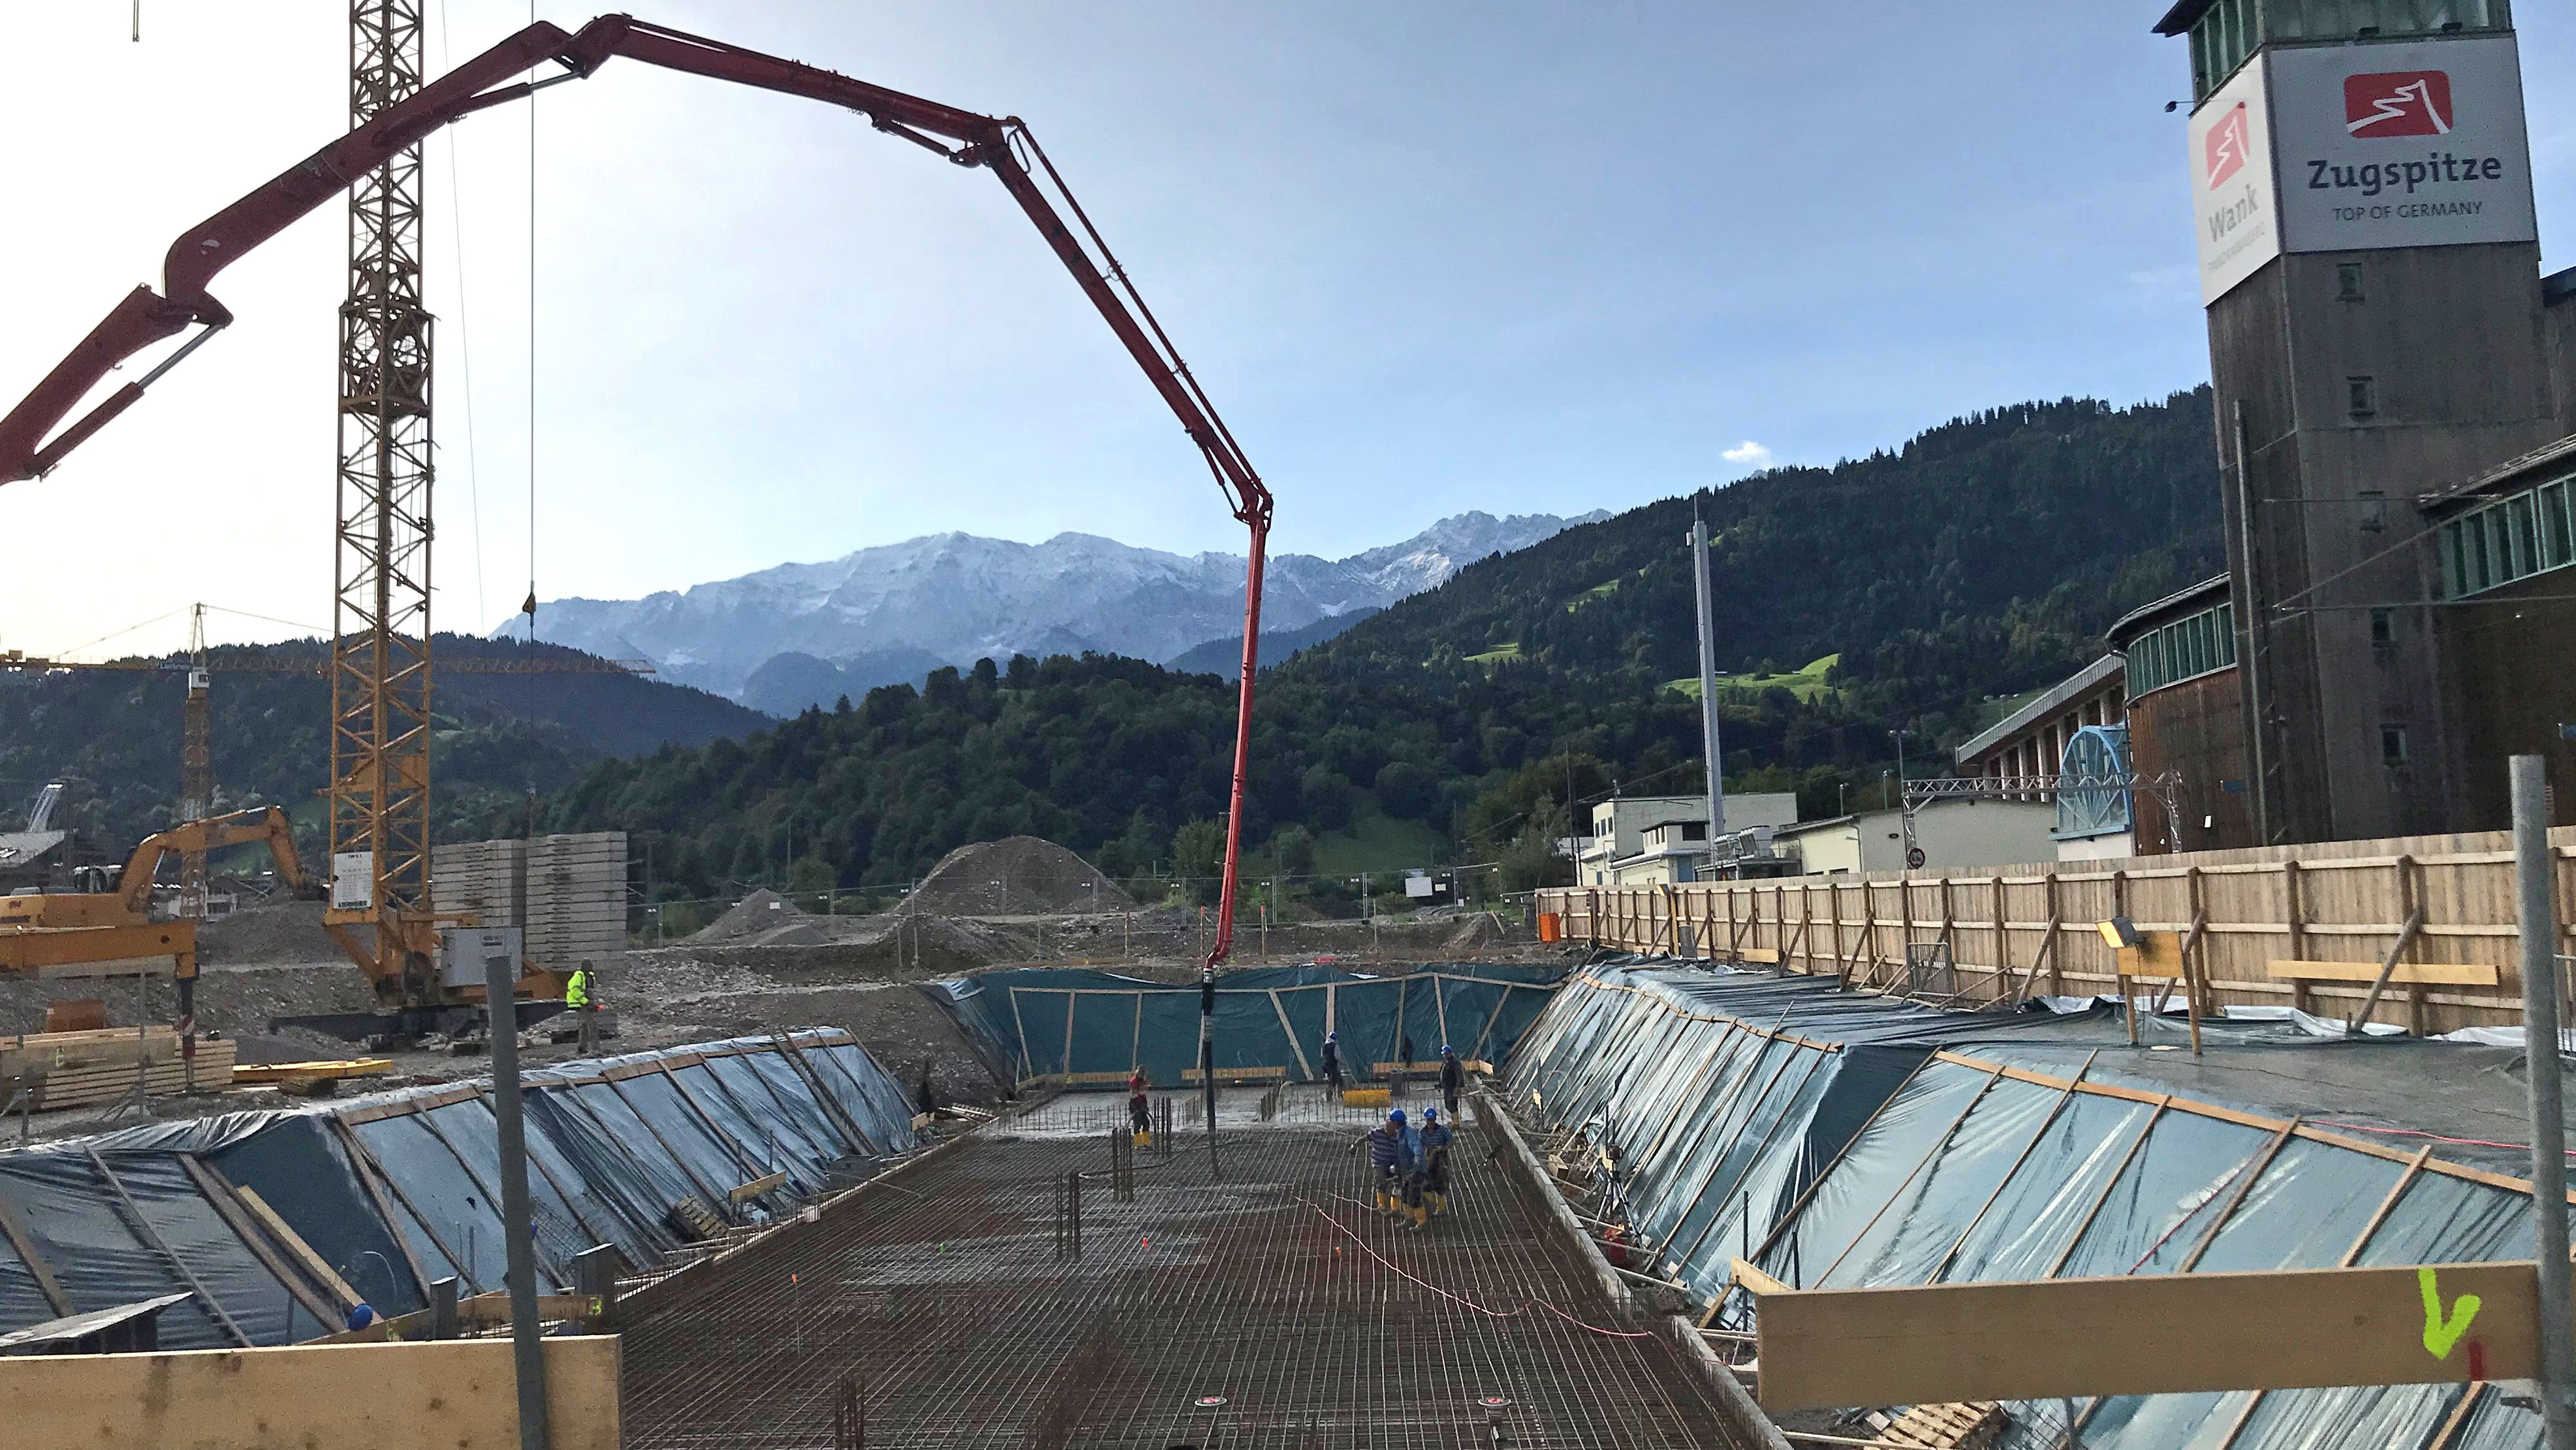 Neben dem Eisstadion entsteht der neue Zugspitzbahnhof.